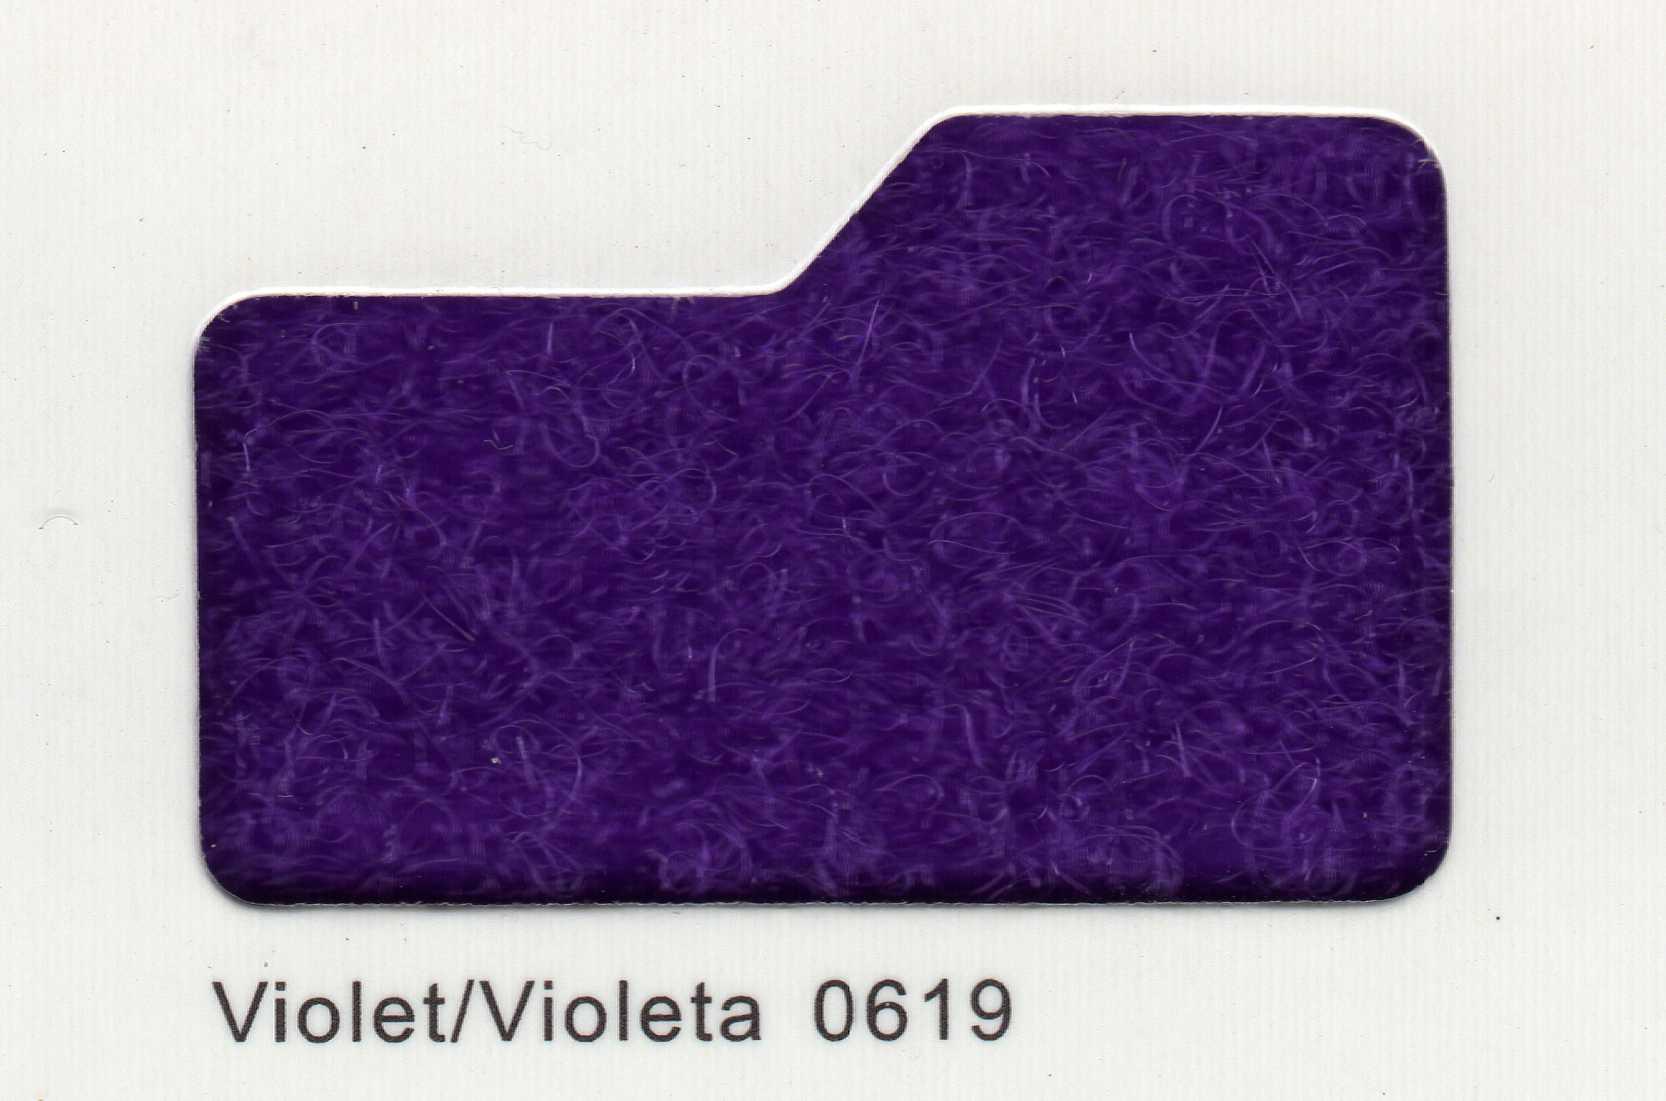 Cinta de cierre Velcro-Veraco 20mm Violeta 0619 (Rizo).